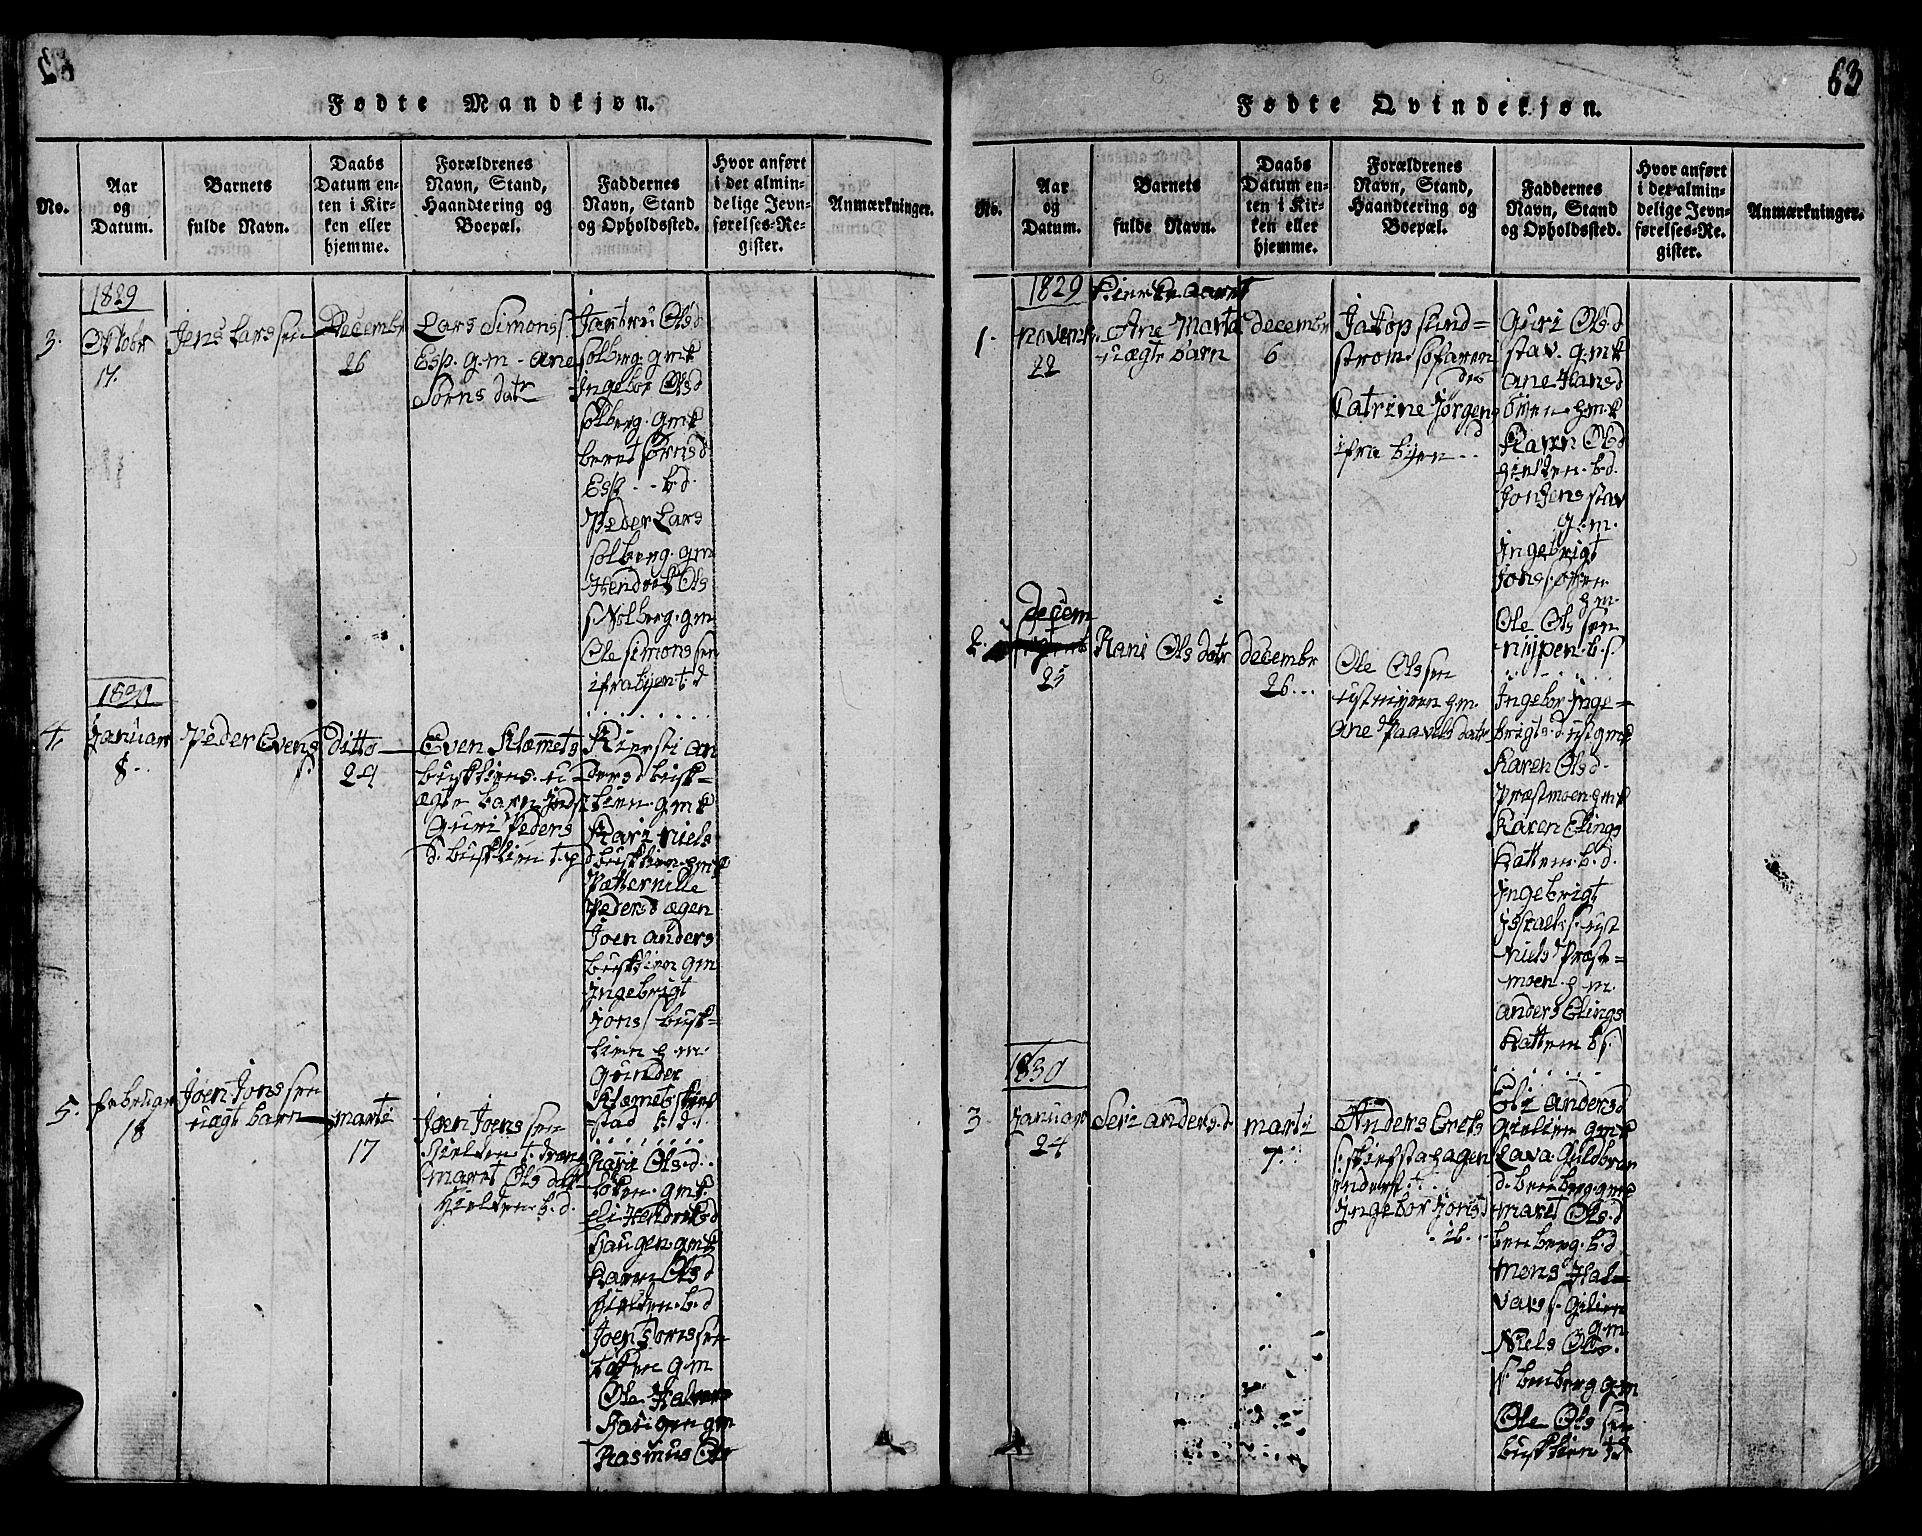 SAT, Ministerialprotokoller, klokkerbøker og fødselsregistre - Sør-Trøndelag, 613/L0393: Klokkerbok nr. 613C01, 1816-1886, s. 63